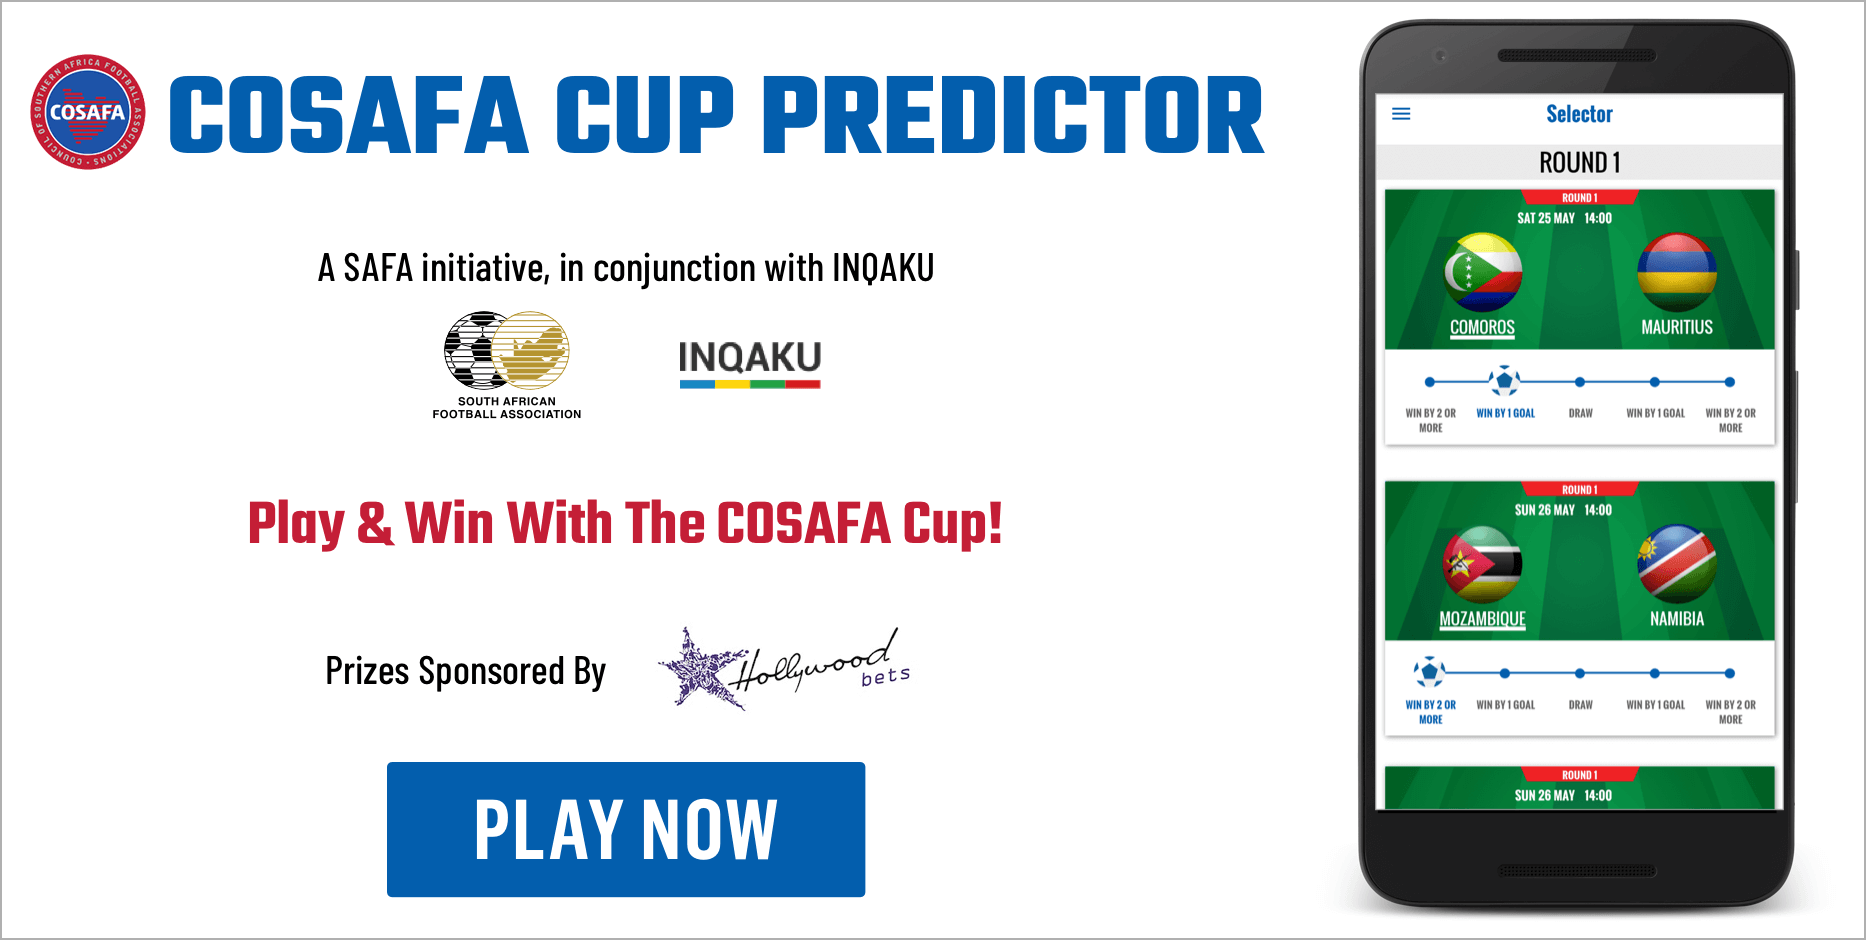 COSAFA Cup Predictor